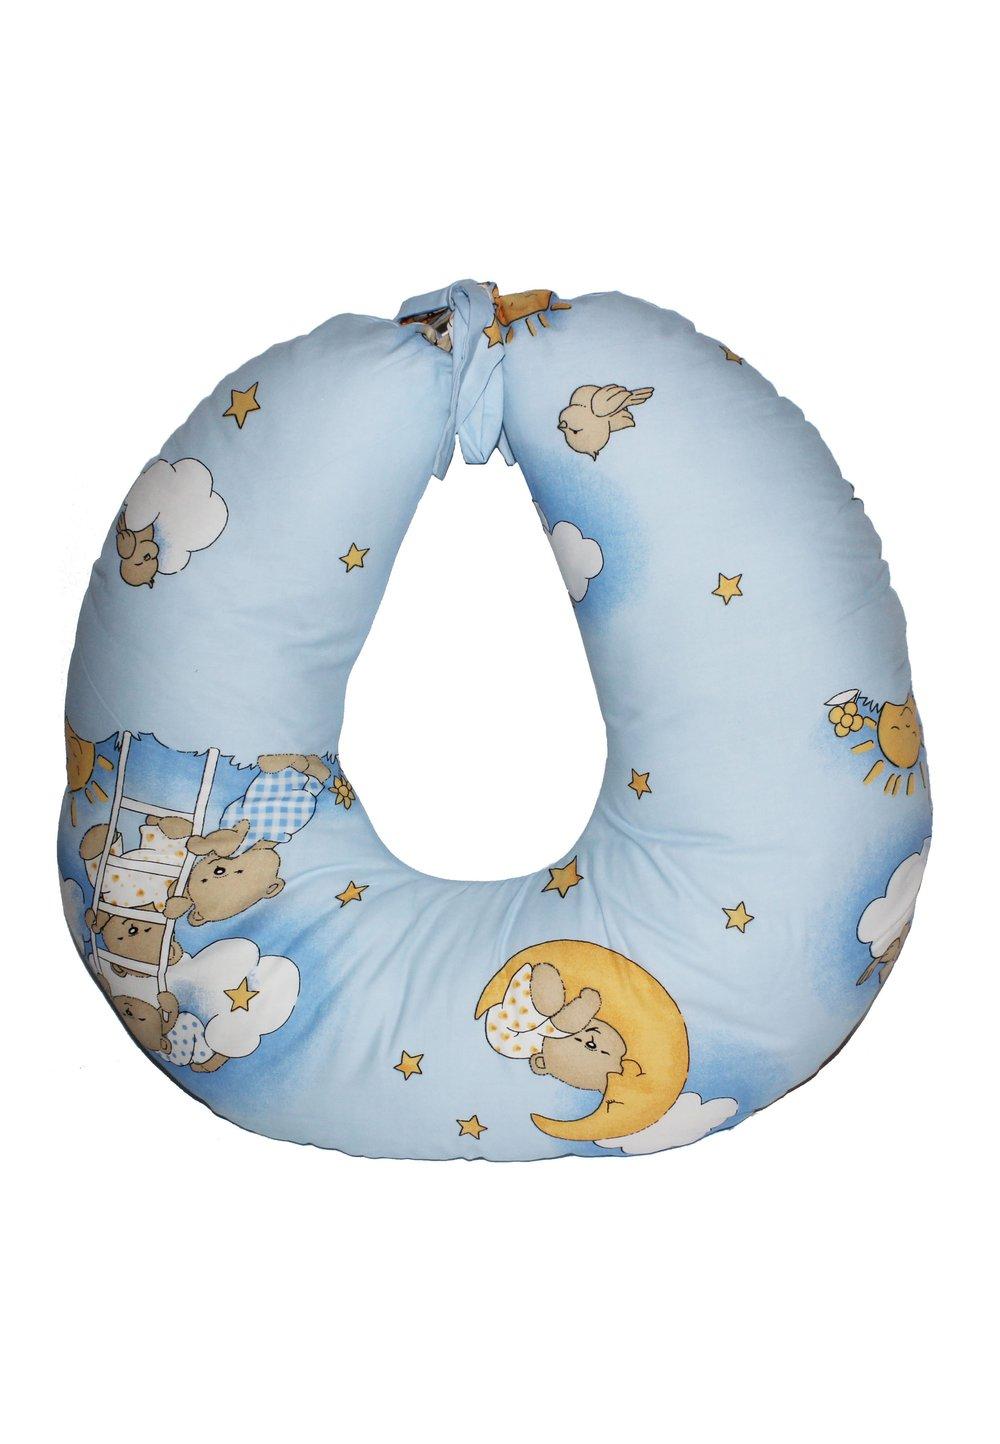 Perna de alaptat ursuletul somnoros, albastru imagine